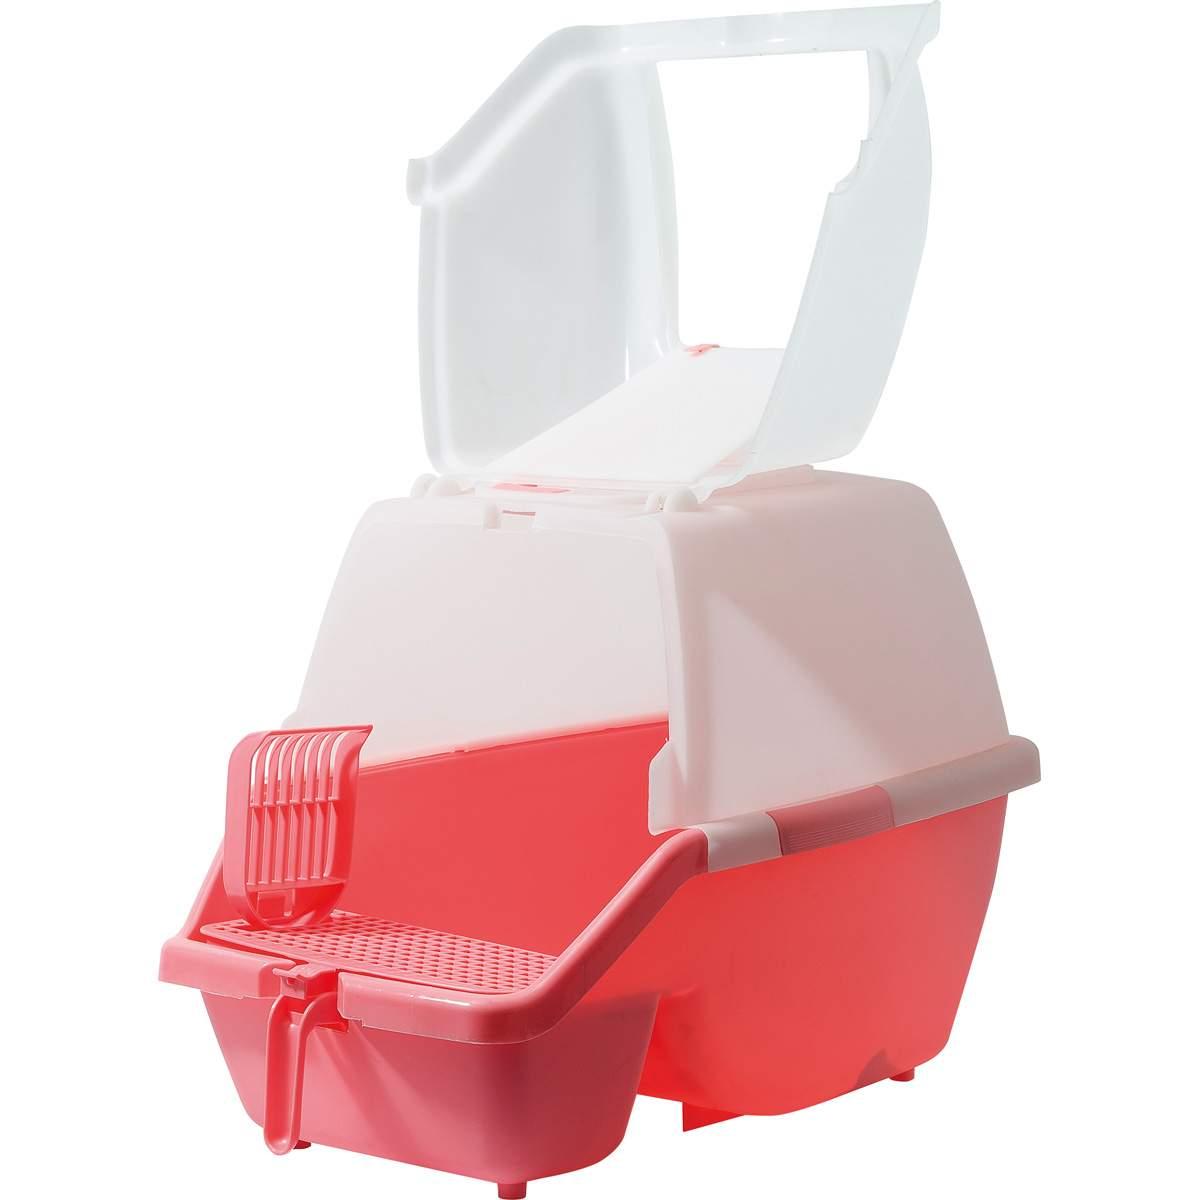 Туалет для кошек ZooOne, прямоугольный, розовый, белый,